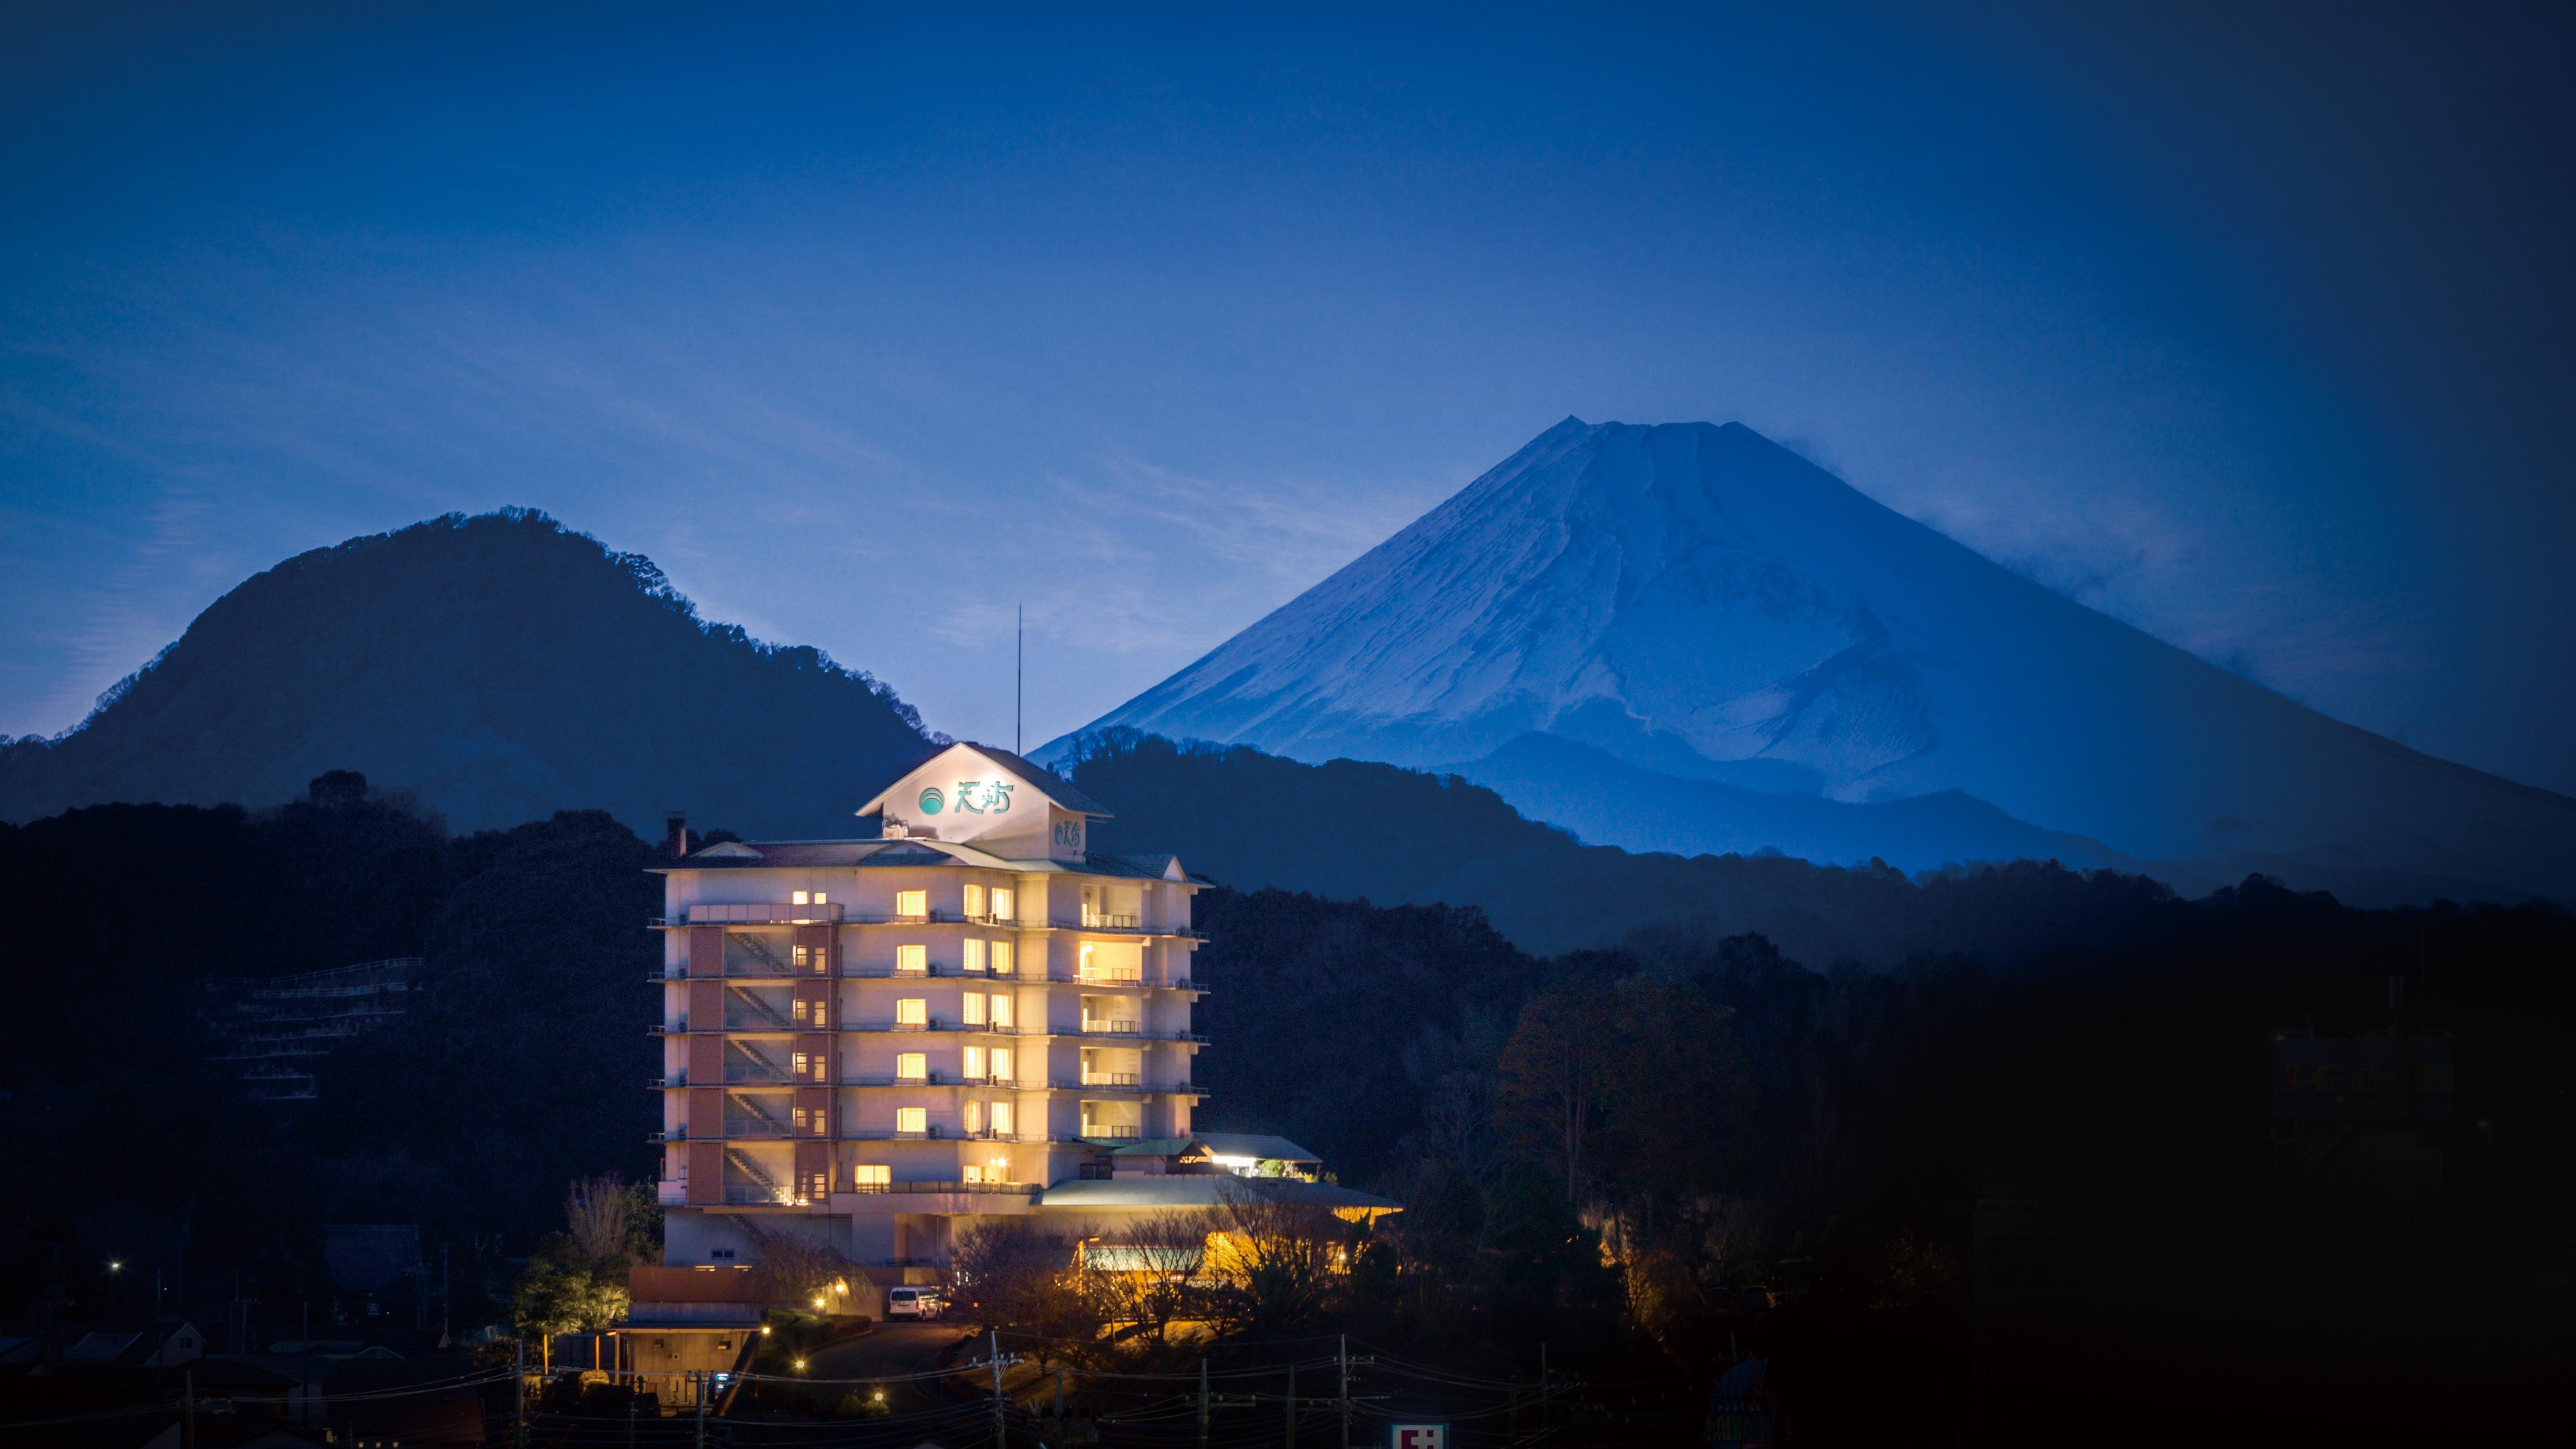 12月に伊豆長岡温泉へ親子で行きます。海の幸が美味しいオススメ宿があれば教えてください。